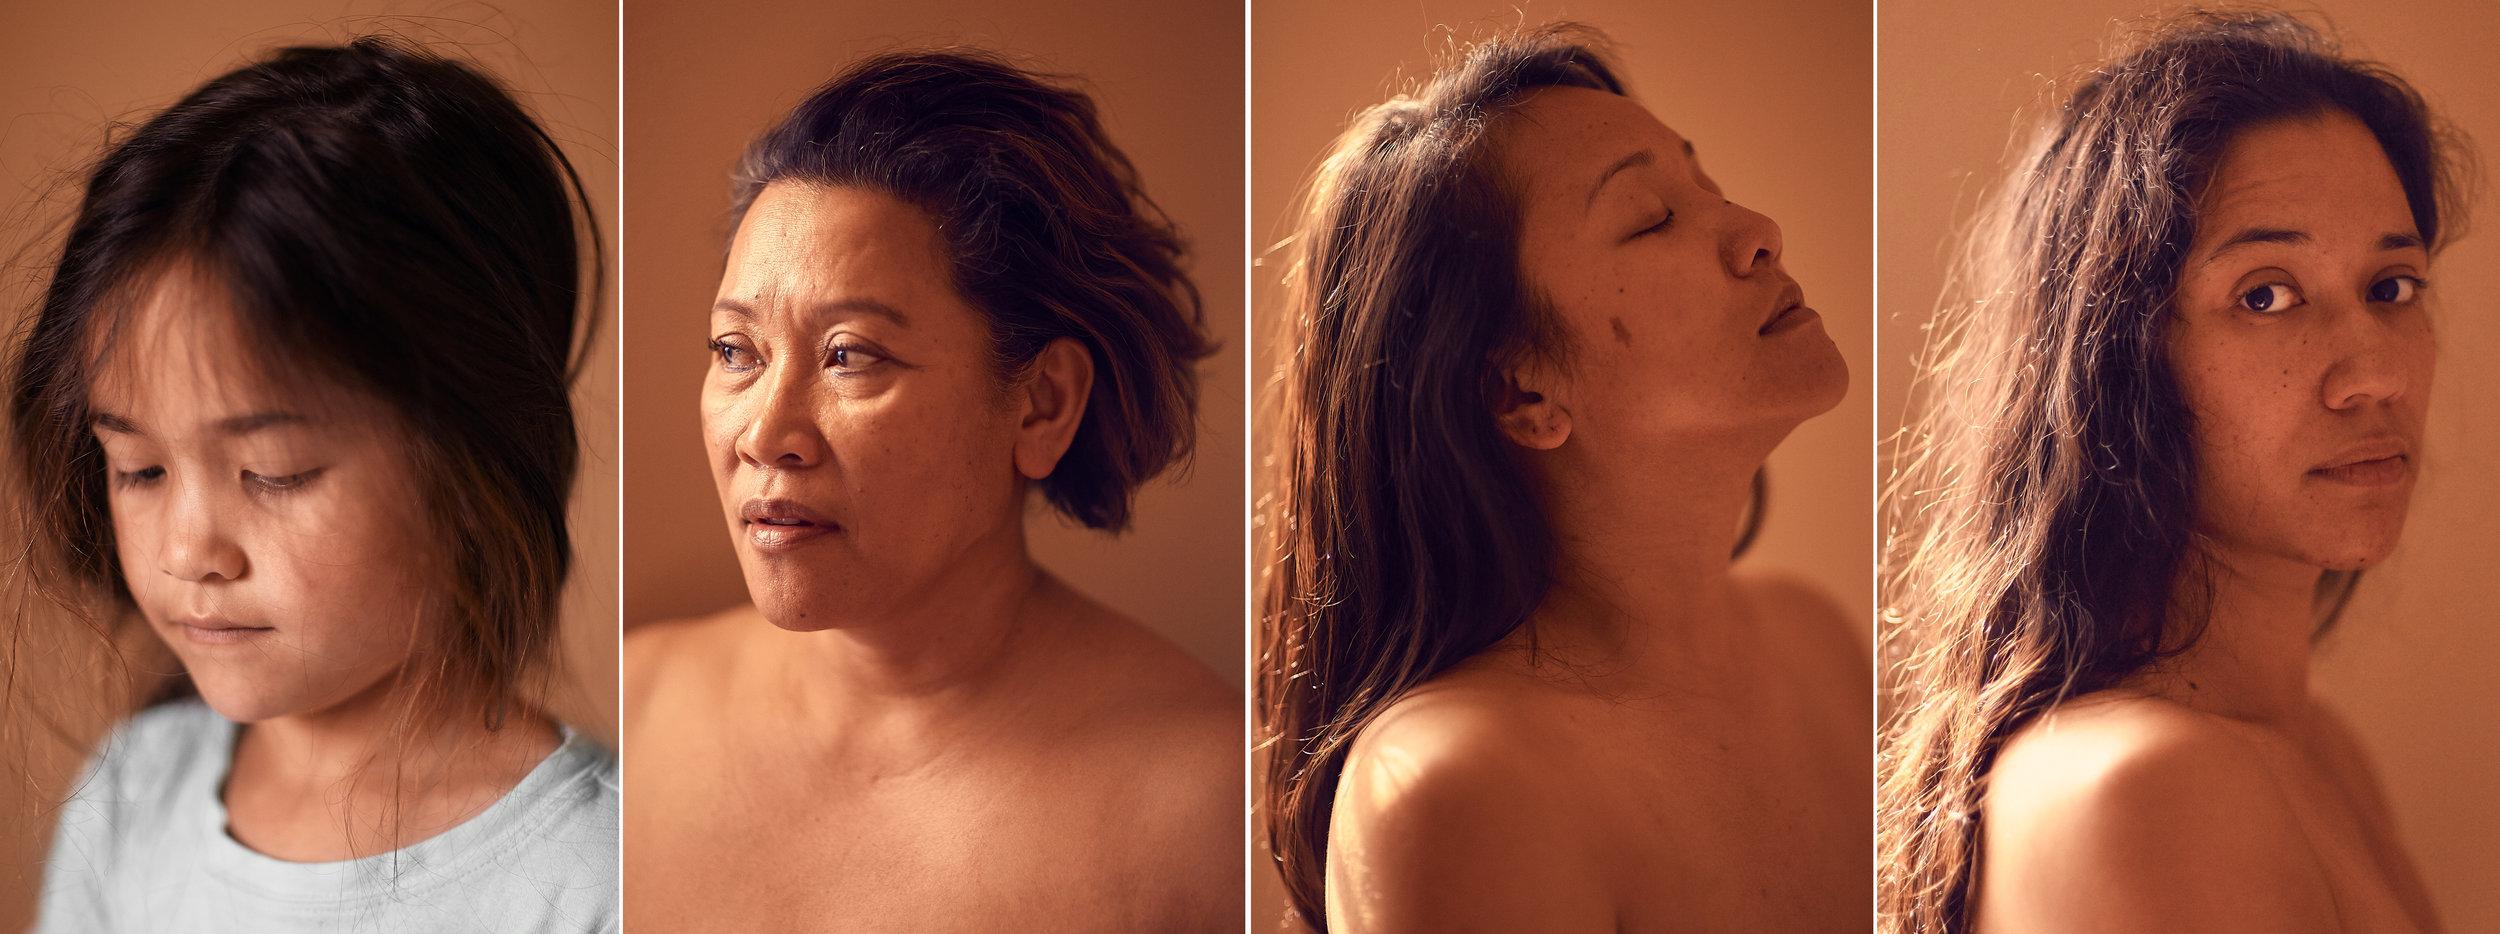 FemmeFam_4x.jpg